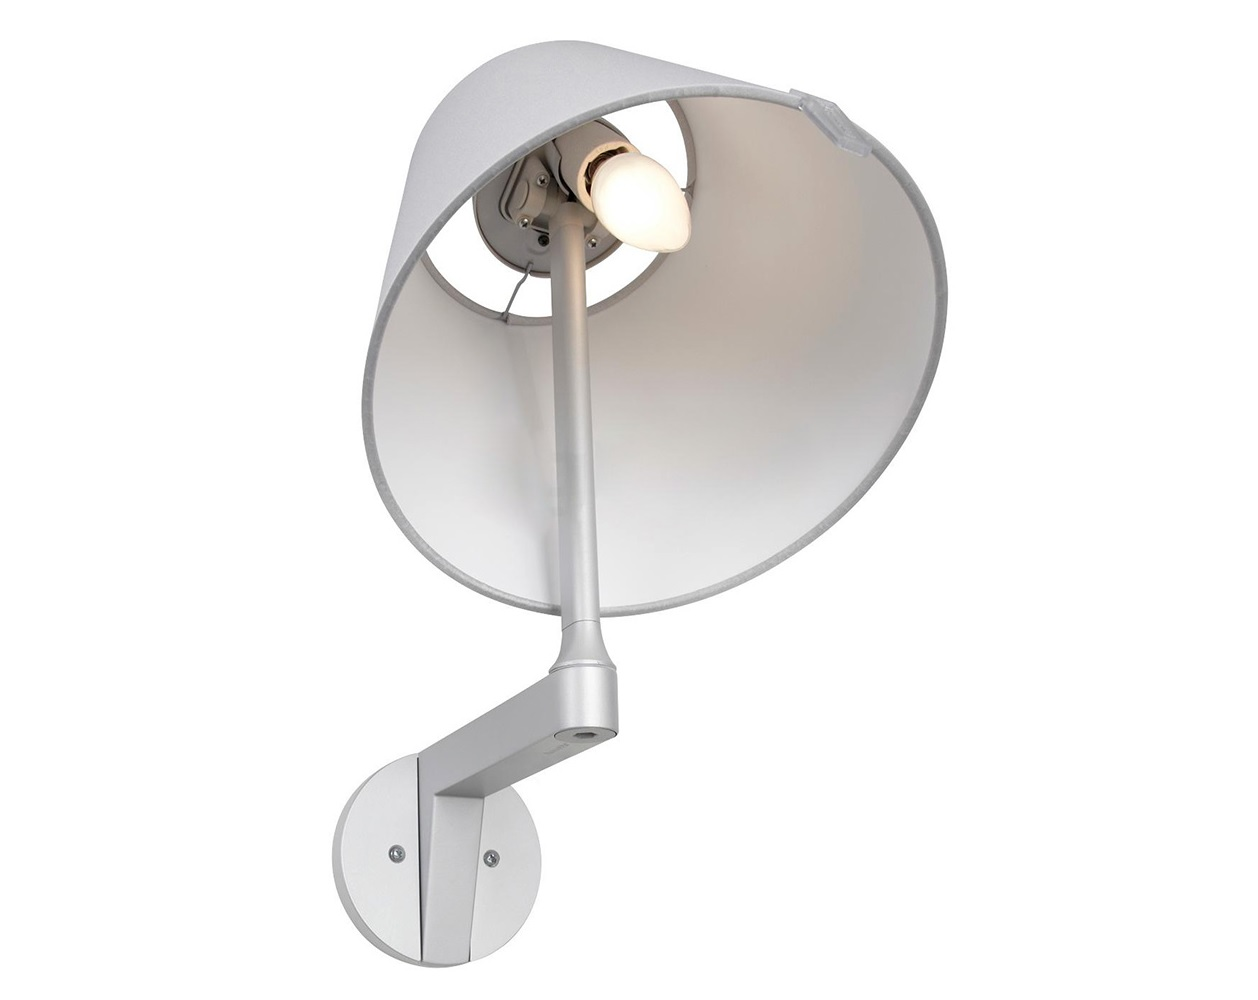 Настенный светильник MELAMPO PARETEБра<br>&amp;lt;div&amp;gt;Настенный светильник MELAMPO PARETE с выключателем. Светильник выполнен из металла серо-бежевого цвета. Тканевый абажур скрывает лампу. Плафон можно вращать, регулируя световой поток.&amp;lt;/div&amp;gt;&amp;lt;div&amp;gt;&amp;lt;br&amp;gt;&amp;lt;/div&amp;gt;&amp;lt;div&amp;gt;Дизайн: Adrien Gardere.&amp;lt;br&amp;gt;&amp;lt;/div&amp;gt;&amp;lt;div&amp;gt;&amp;lt;br&amp;gt;&amp;lt;/div&amp;gt;&amp;lt;div&amp;gt;Вид цоколя: E14&amp;lt;/div&amp;gt;&amp;lt;div&amp;gt;Мощность лампы: 42W&amp;lt;/div&amp;gt;&amp;lt;div&amp;gt;Количество ламп: 1&amp;lt;/div&amp;gt;<br><br>Material: Металл<br>Ширина см: 23<br>Высота см: 35<br>Глубина см: 30